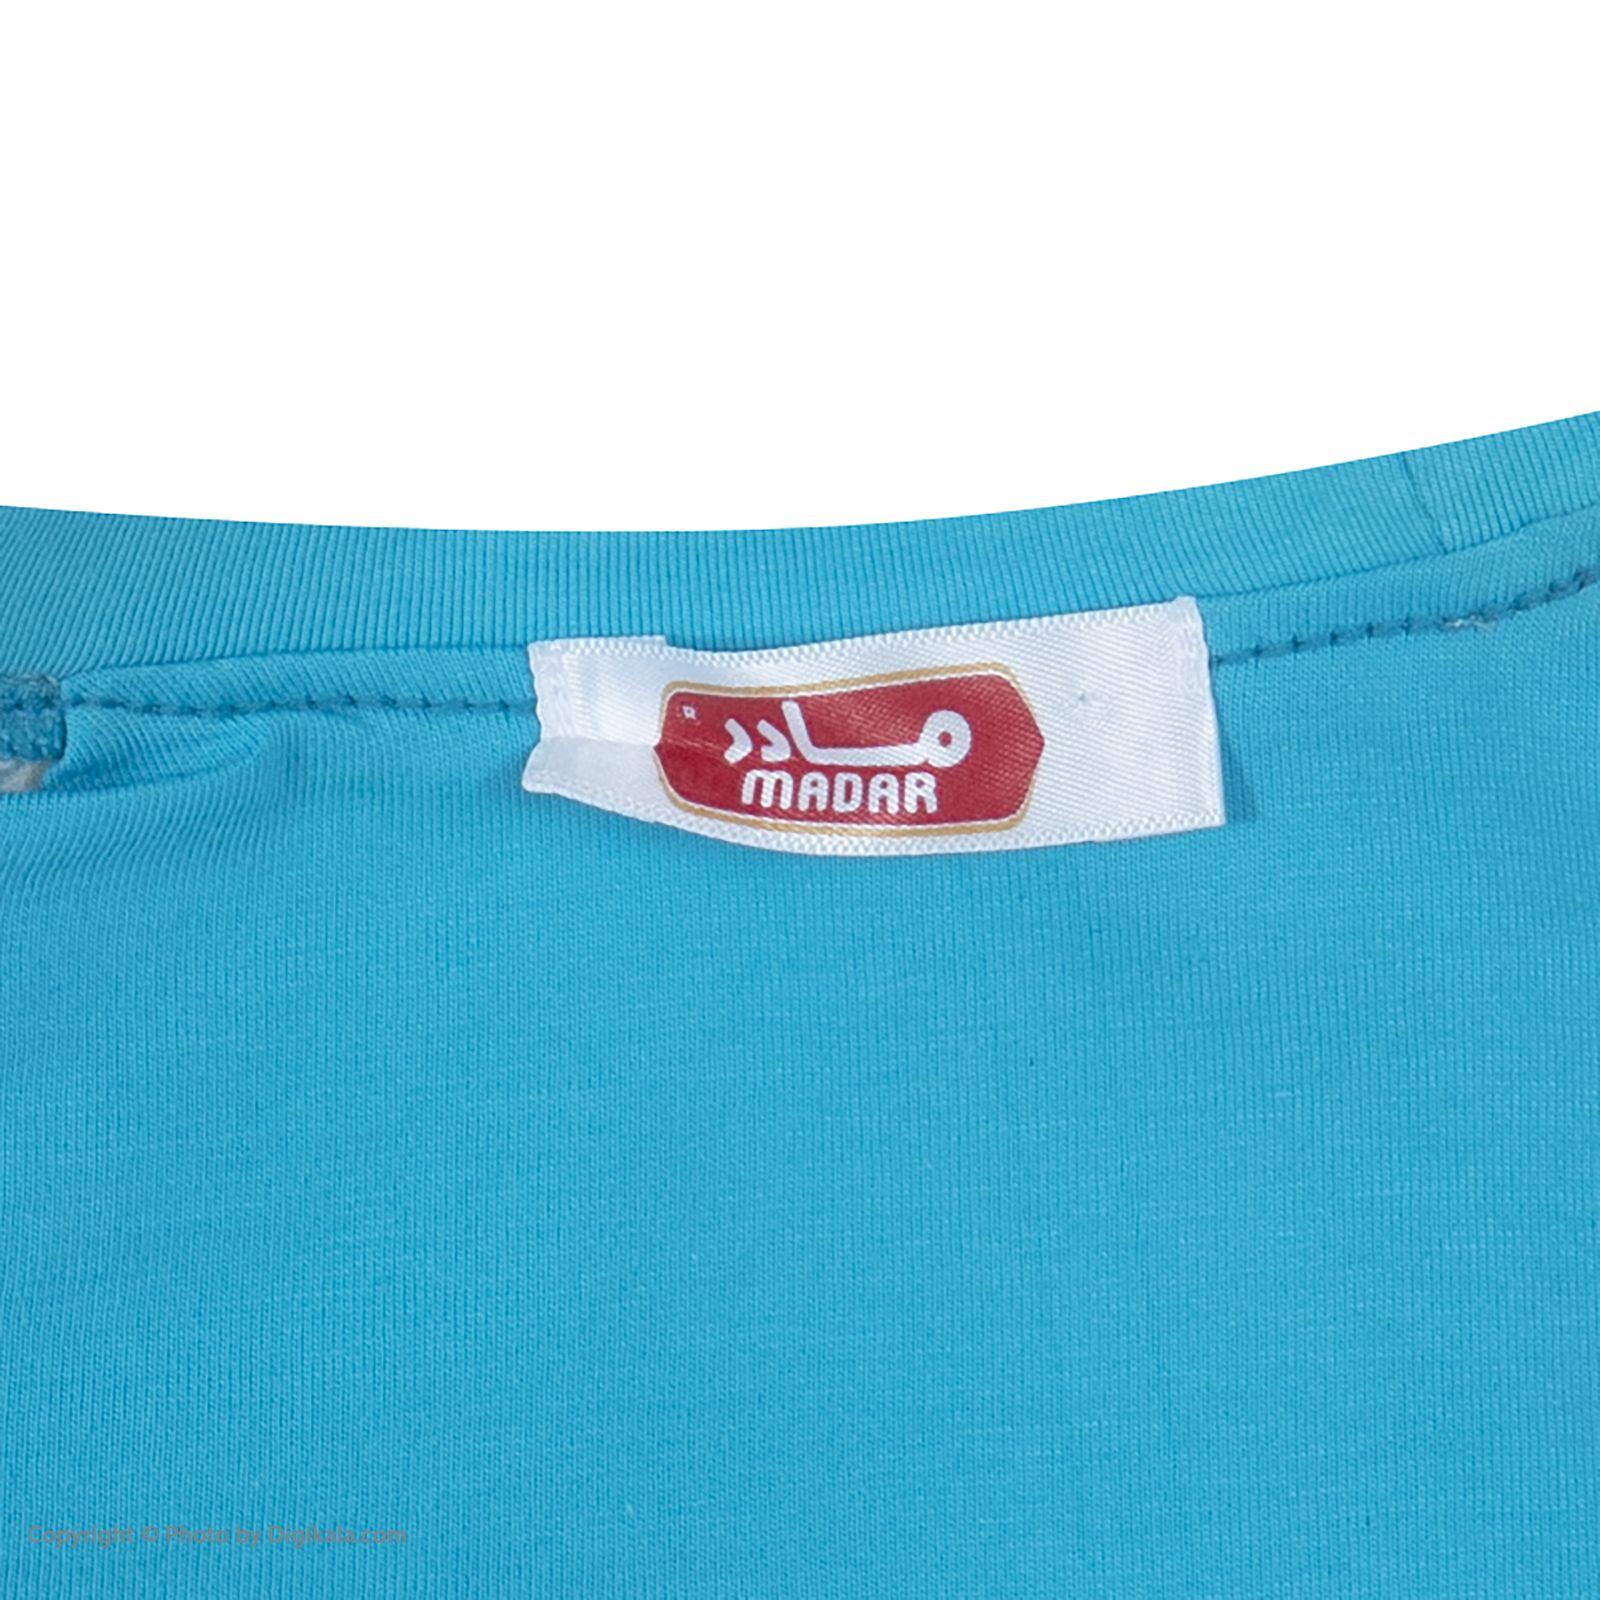 ست تی شرت و شلوارک راحتی مردانه مادر مدل 2041107-52 -  - 7